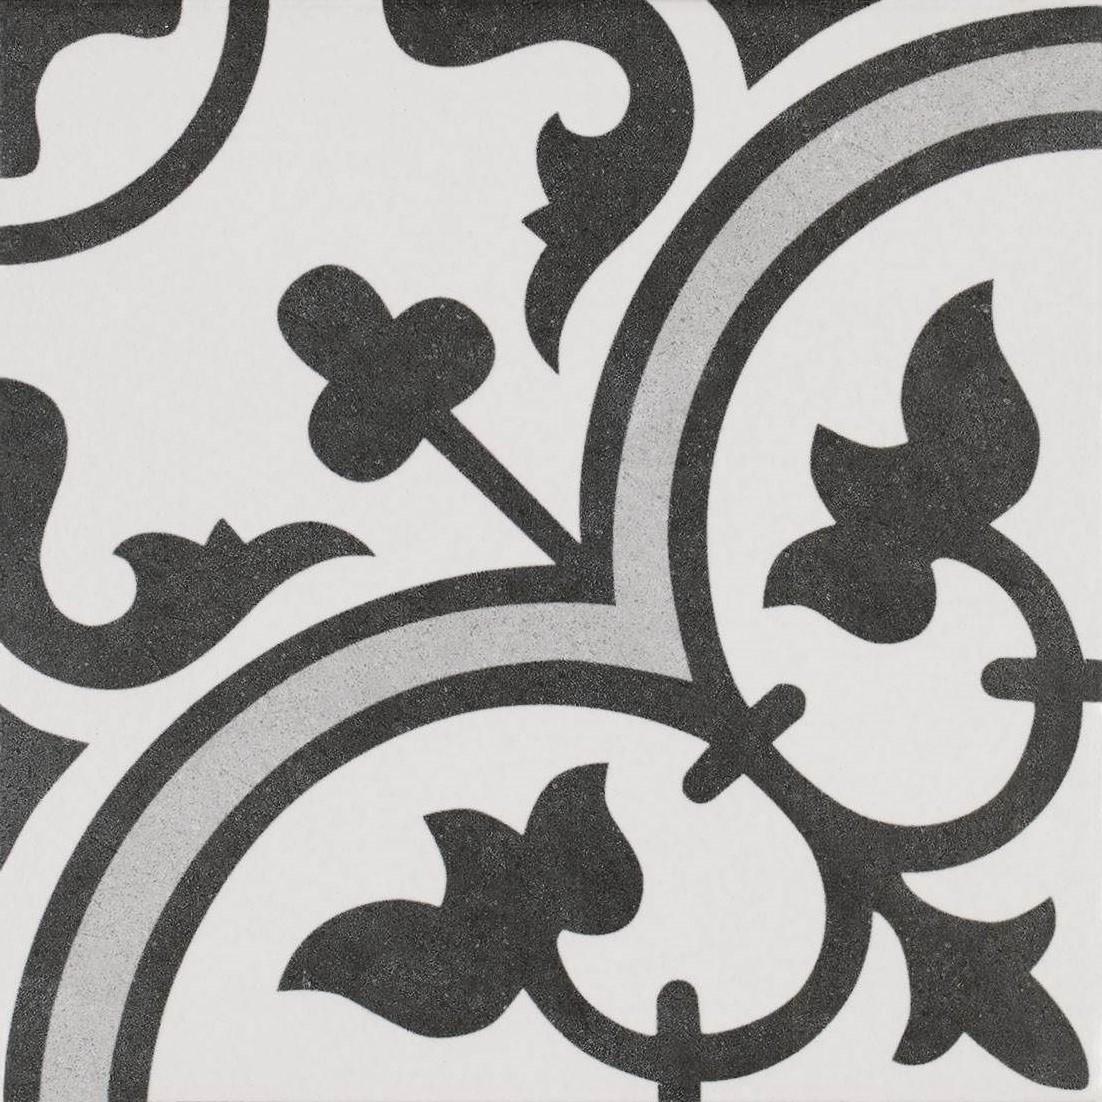 6.0016.21  Codicer Retrofliese / Feinsteinzeug ARTE GREY